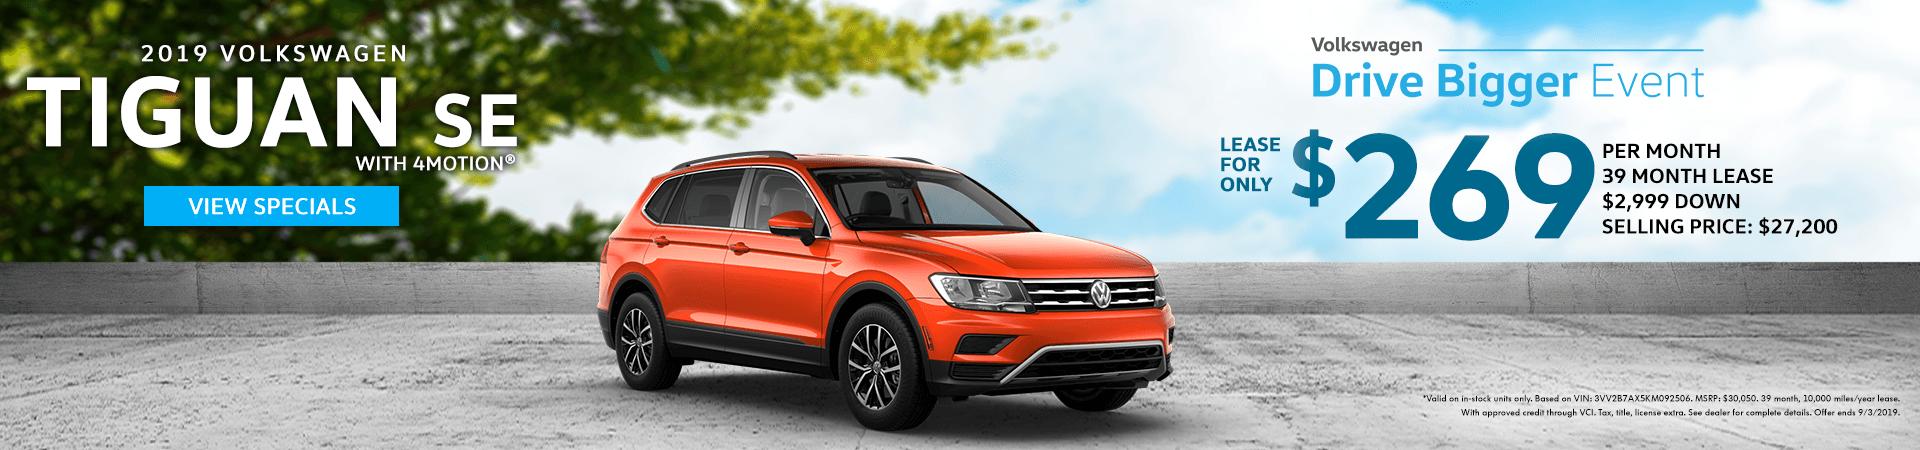 Drive Bigger Sales Event - 2019 Tiguan